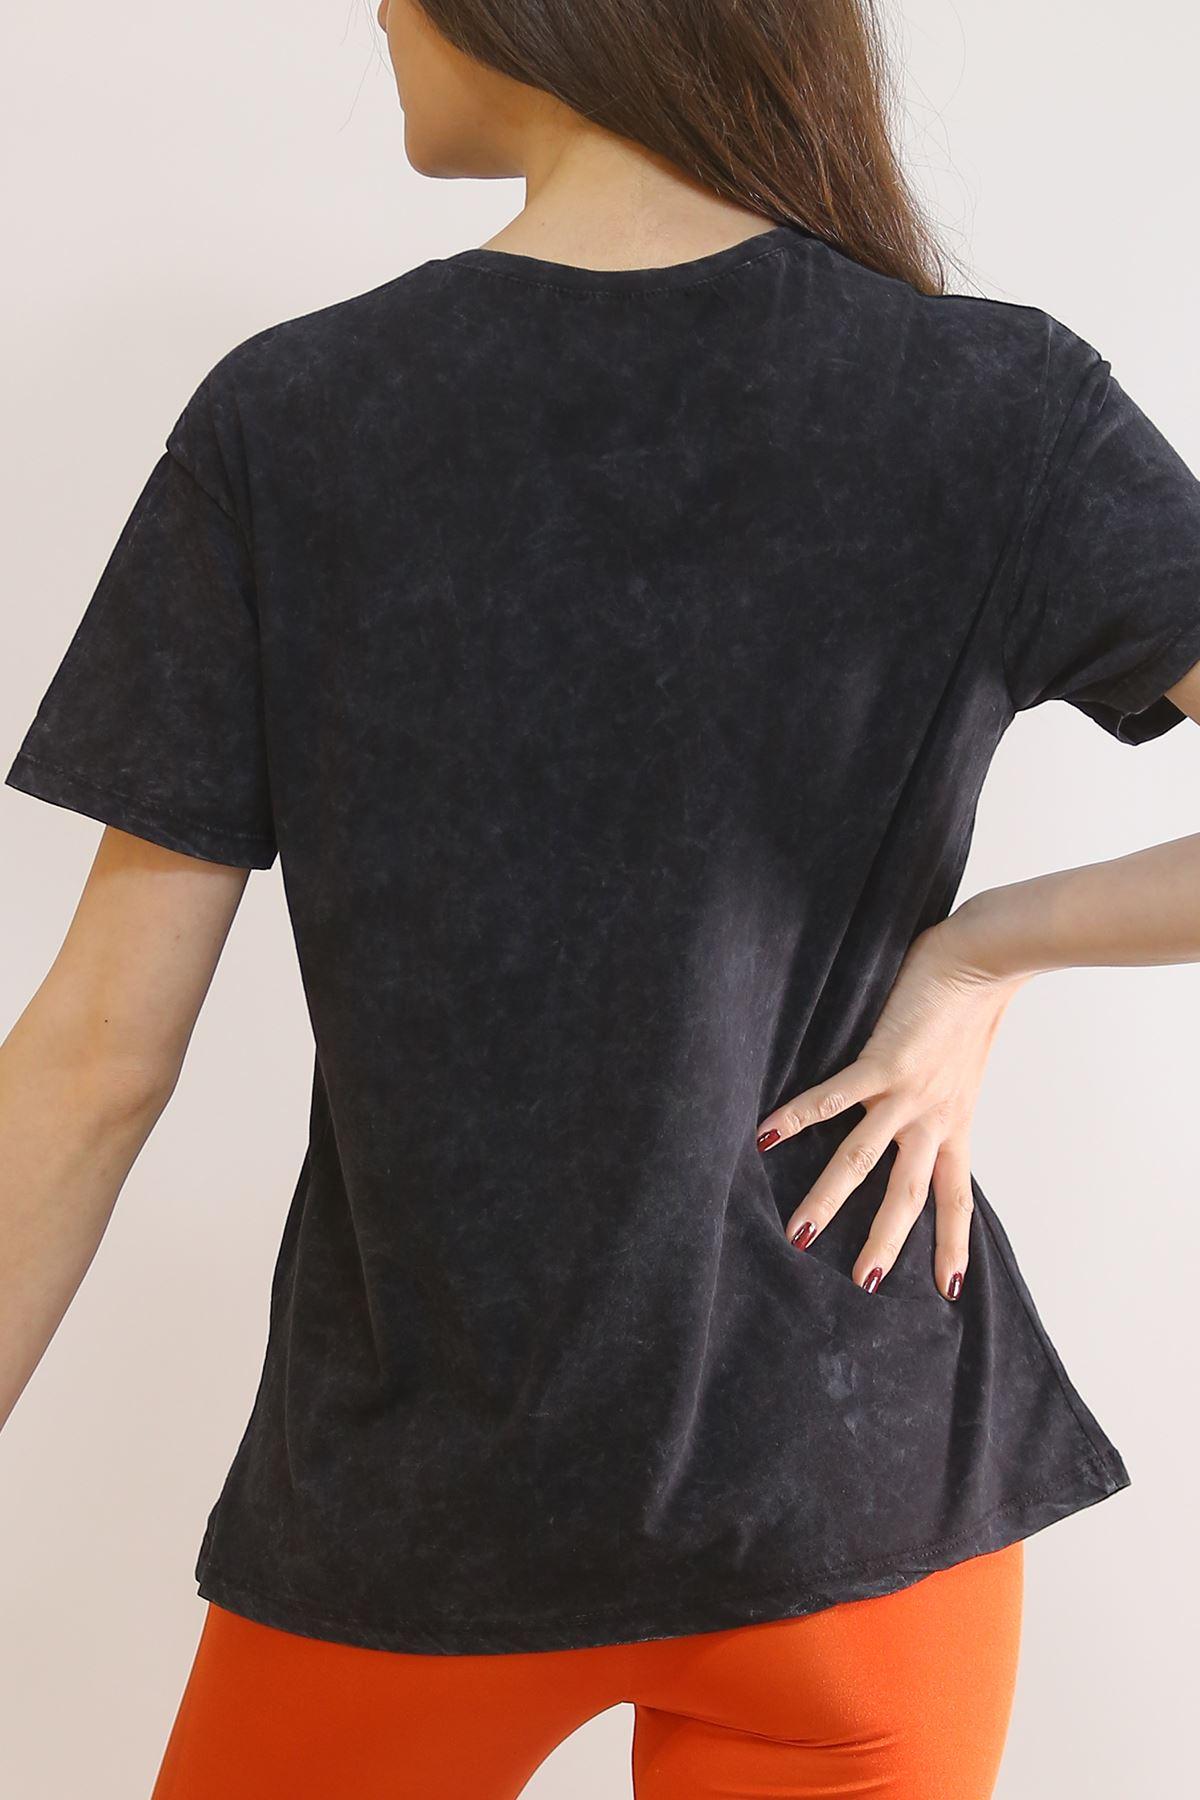 Baskılı Tişört Siyah - 3006.196.